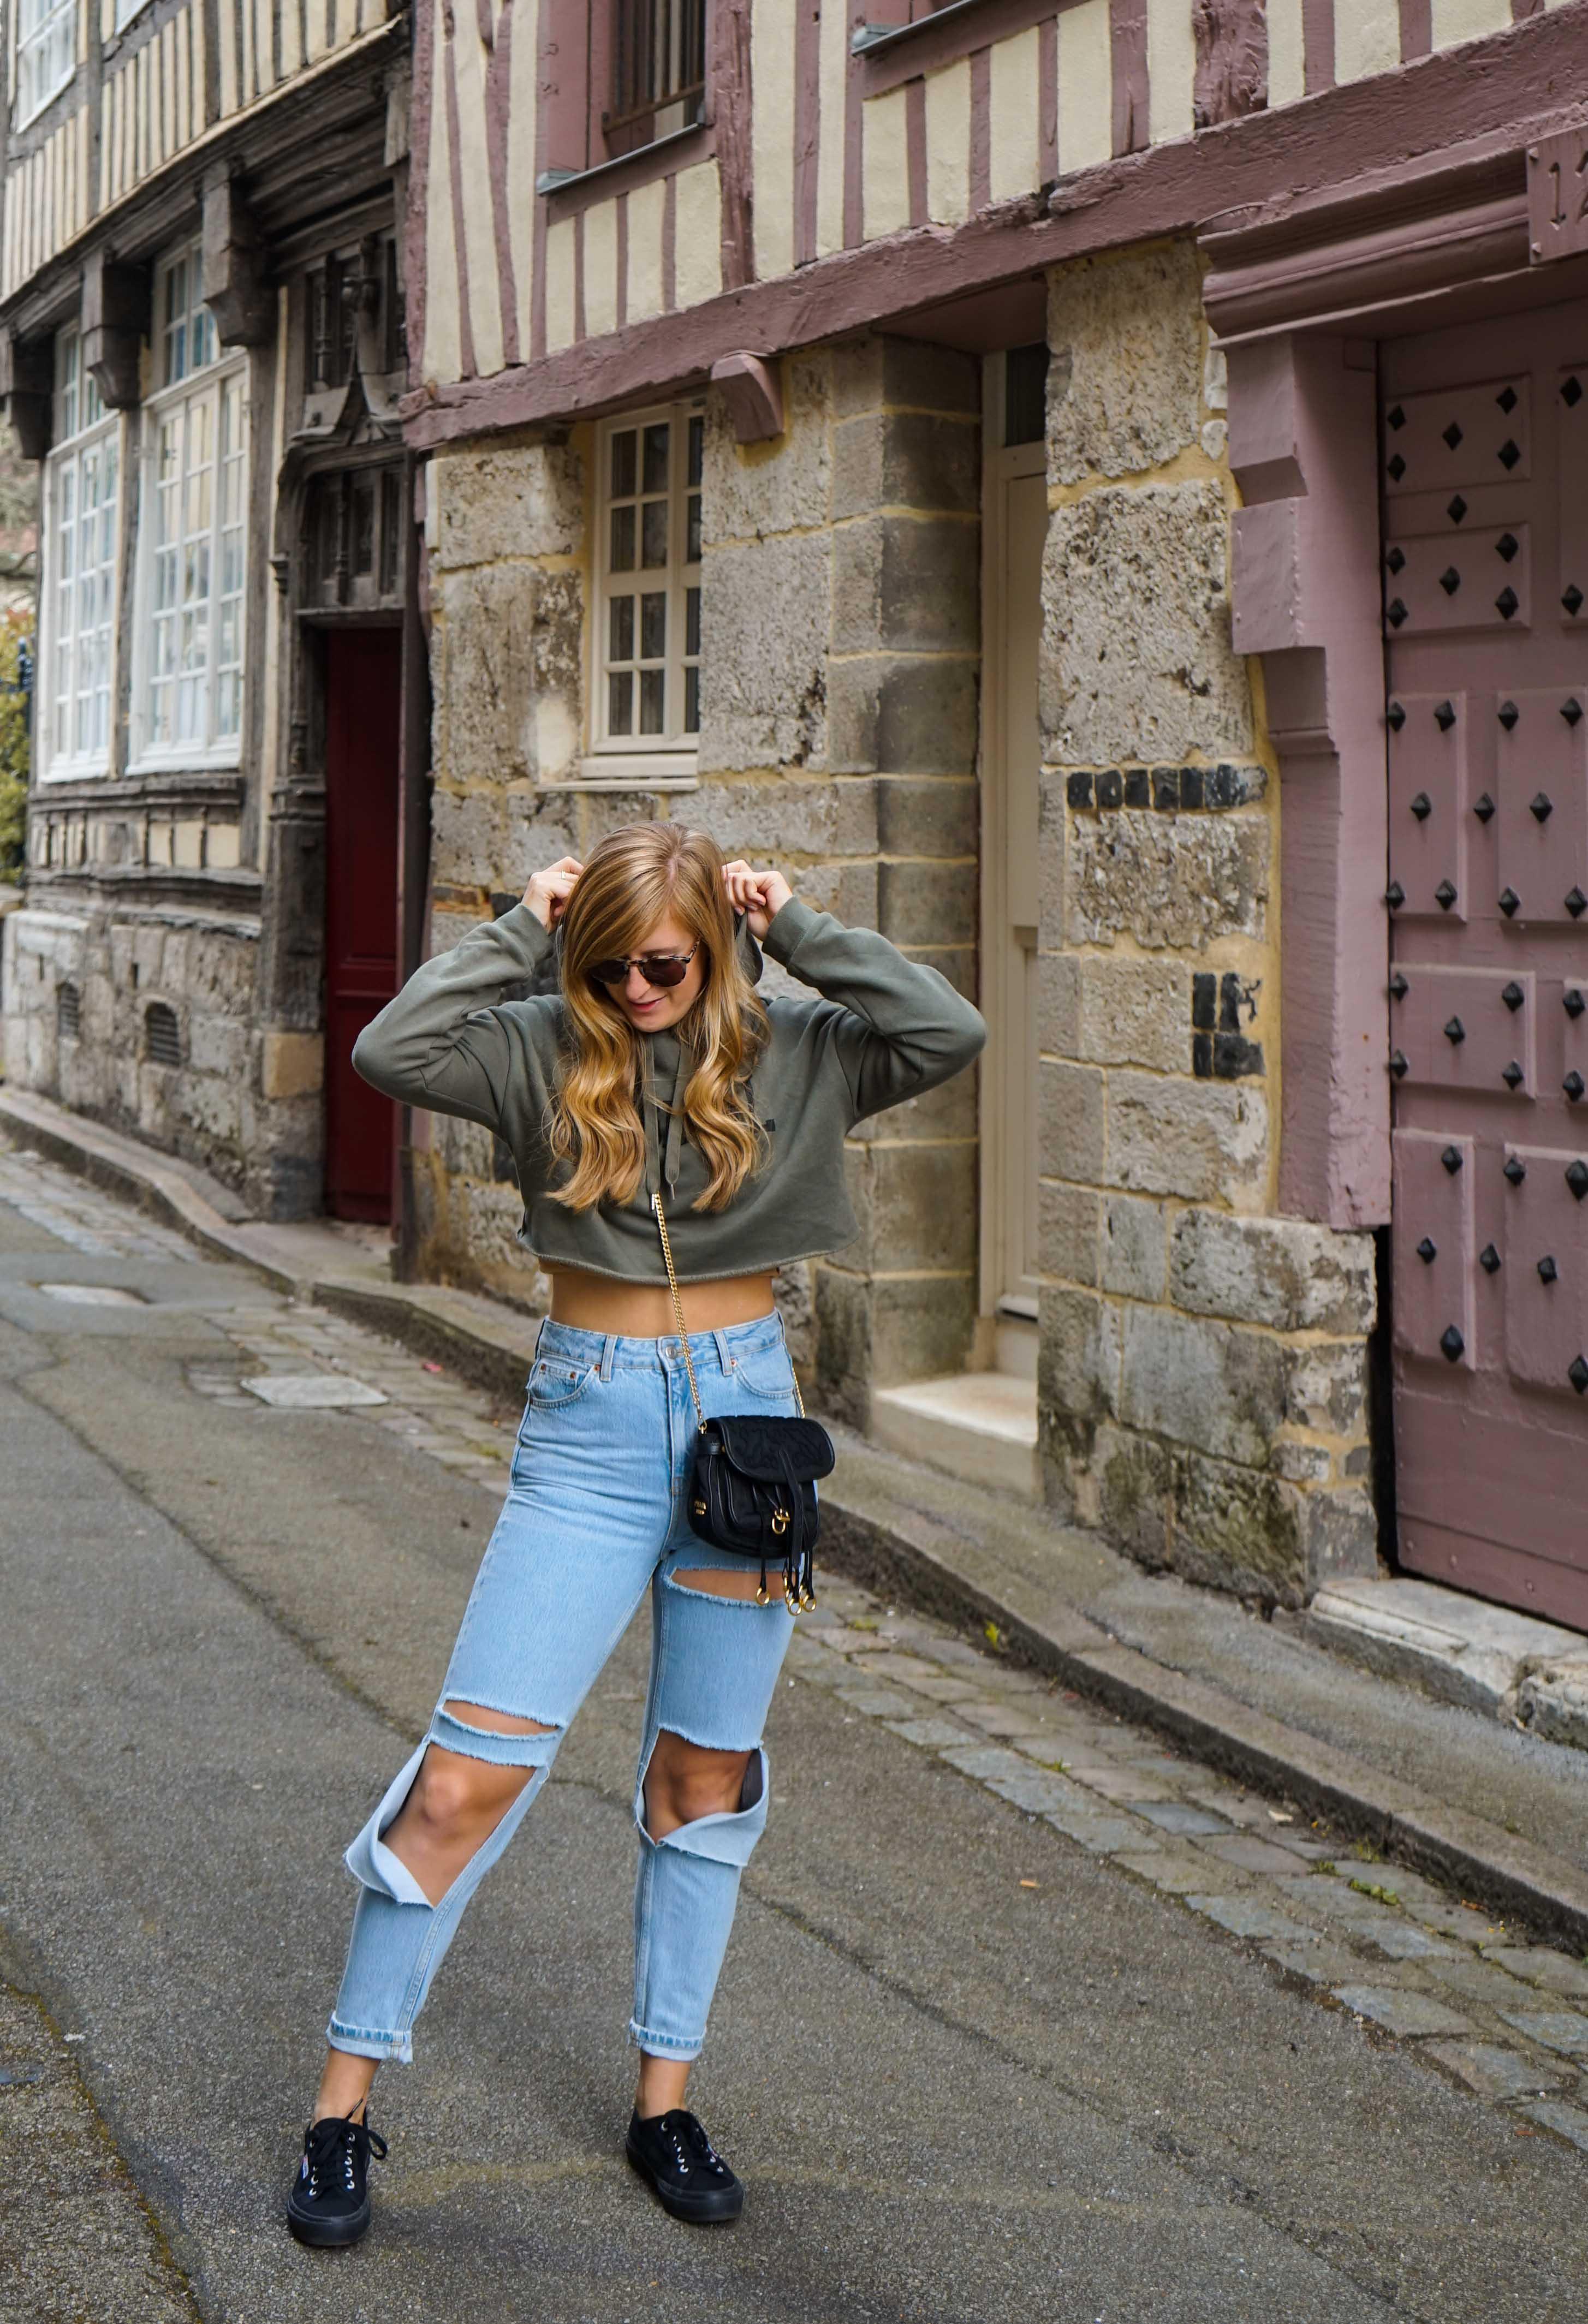 Two Ways to Style Ripped Jeans kombinieren Crop Sweater bauchfrei Sightseeing Look Modeblog Modeblogger Prada Umhängetasche schwarz gold 3